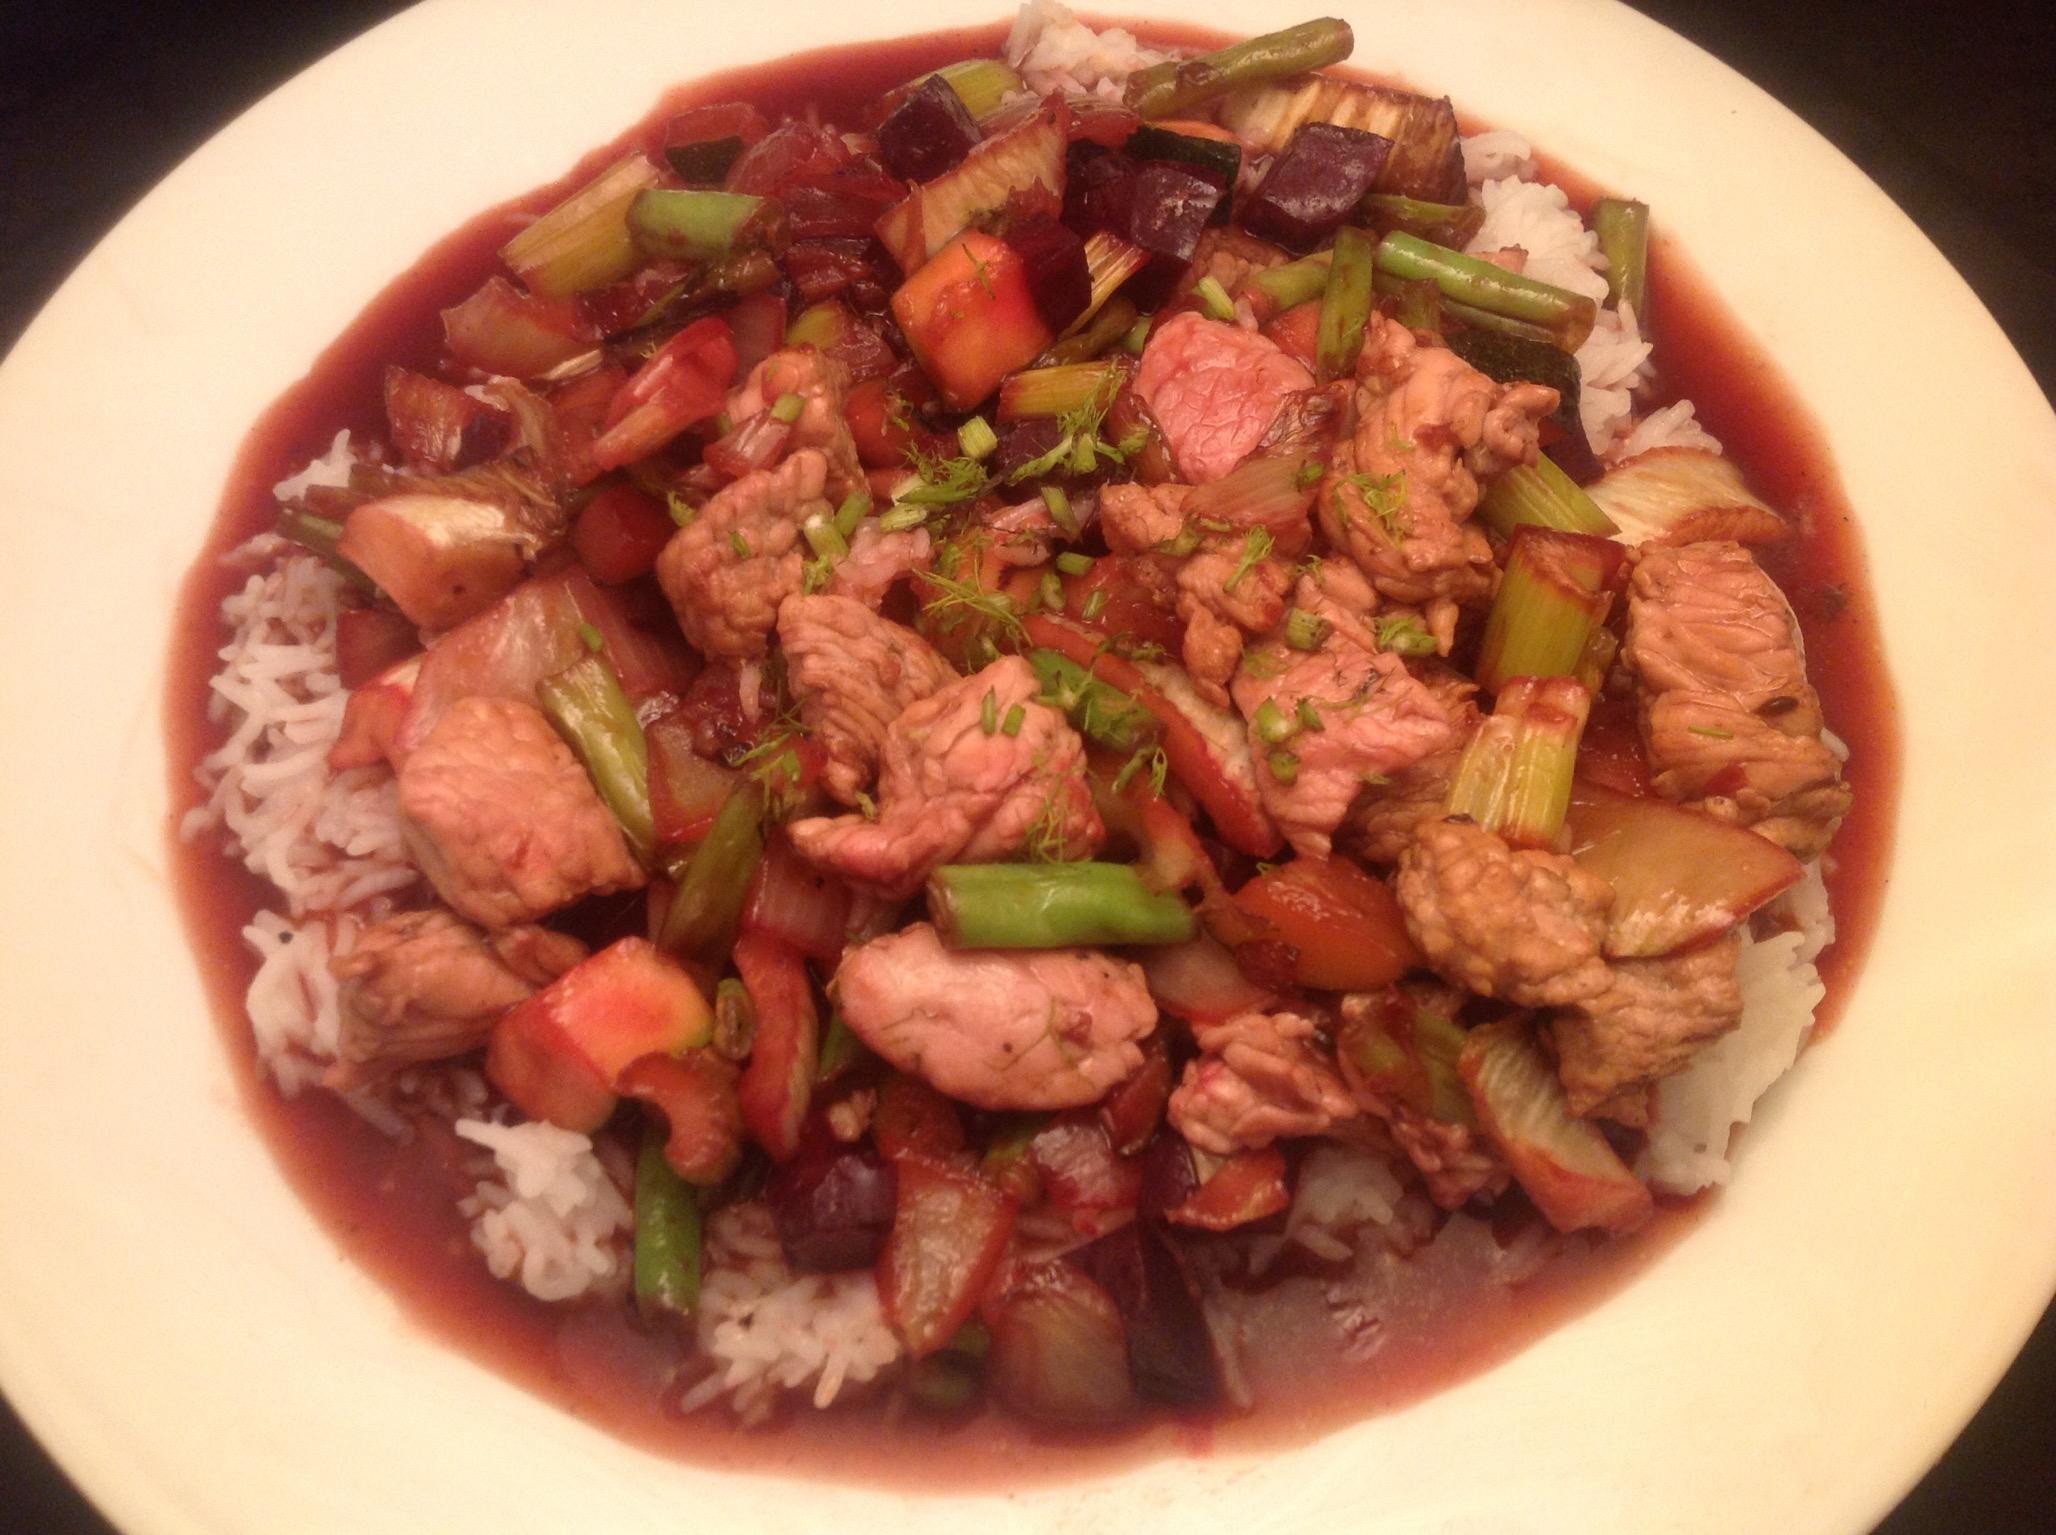 Putenfleisch mit Gemüse in Teriyaki-Sauce mit Basmati-Reis